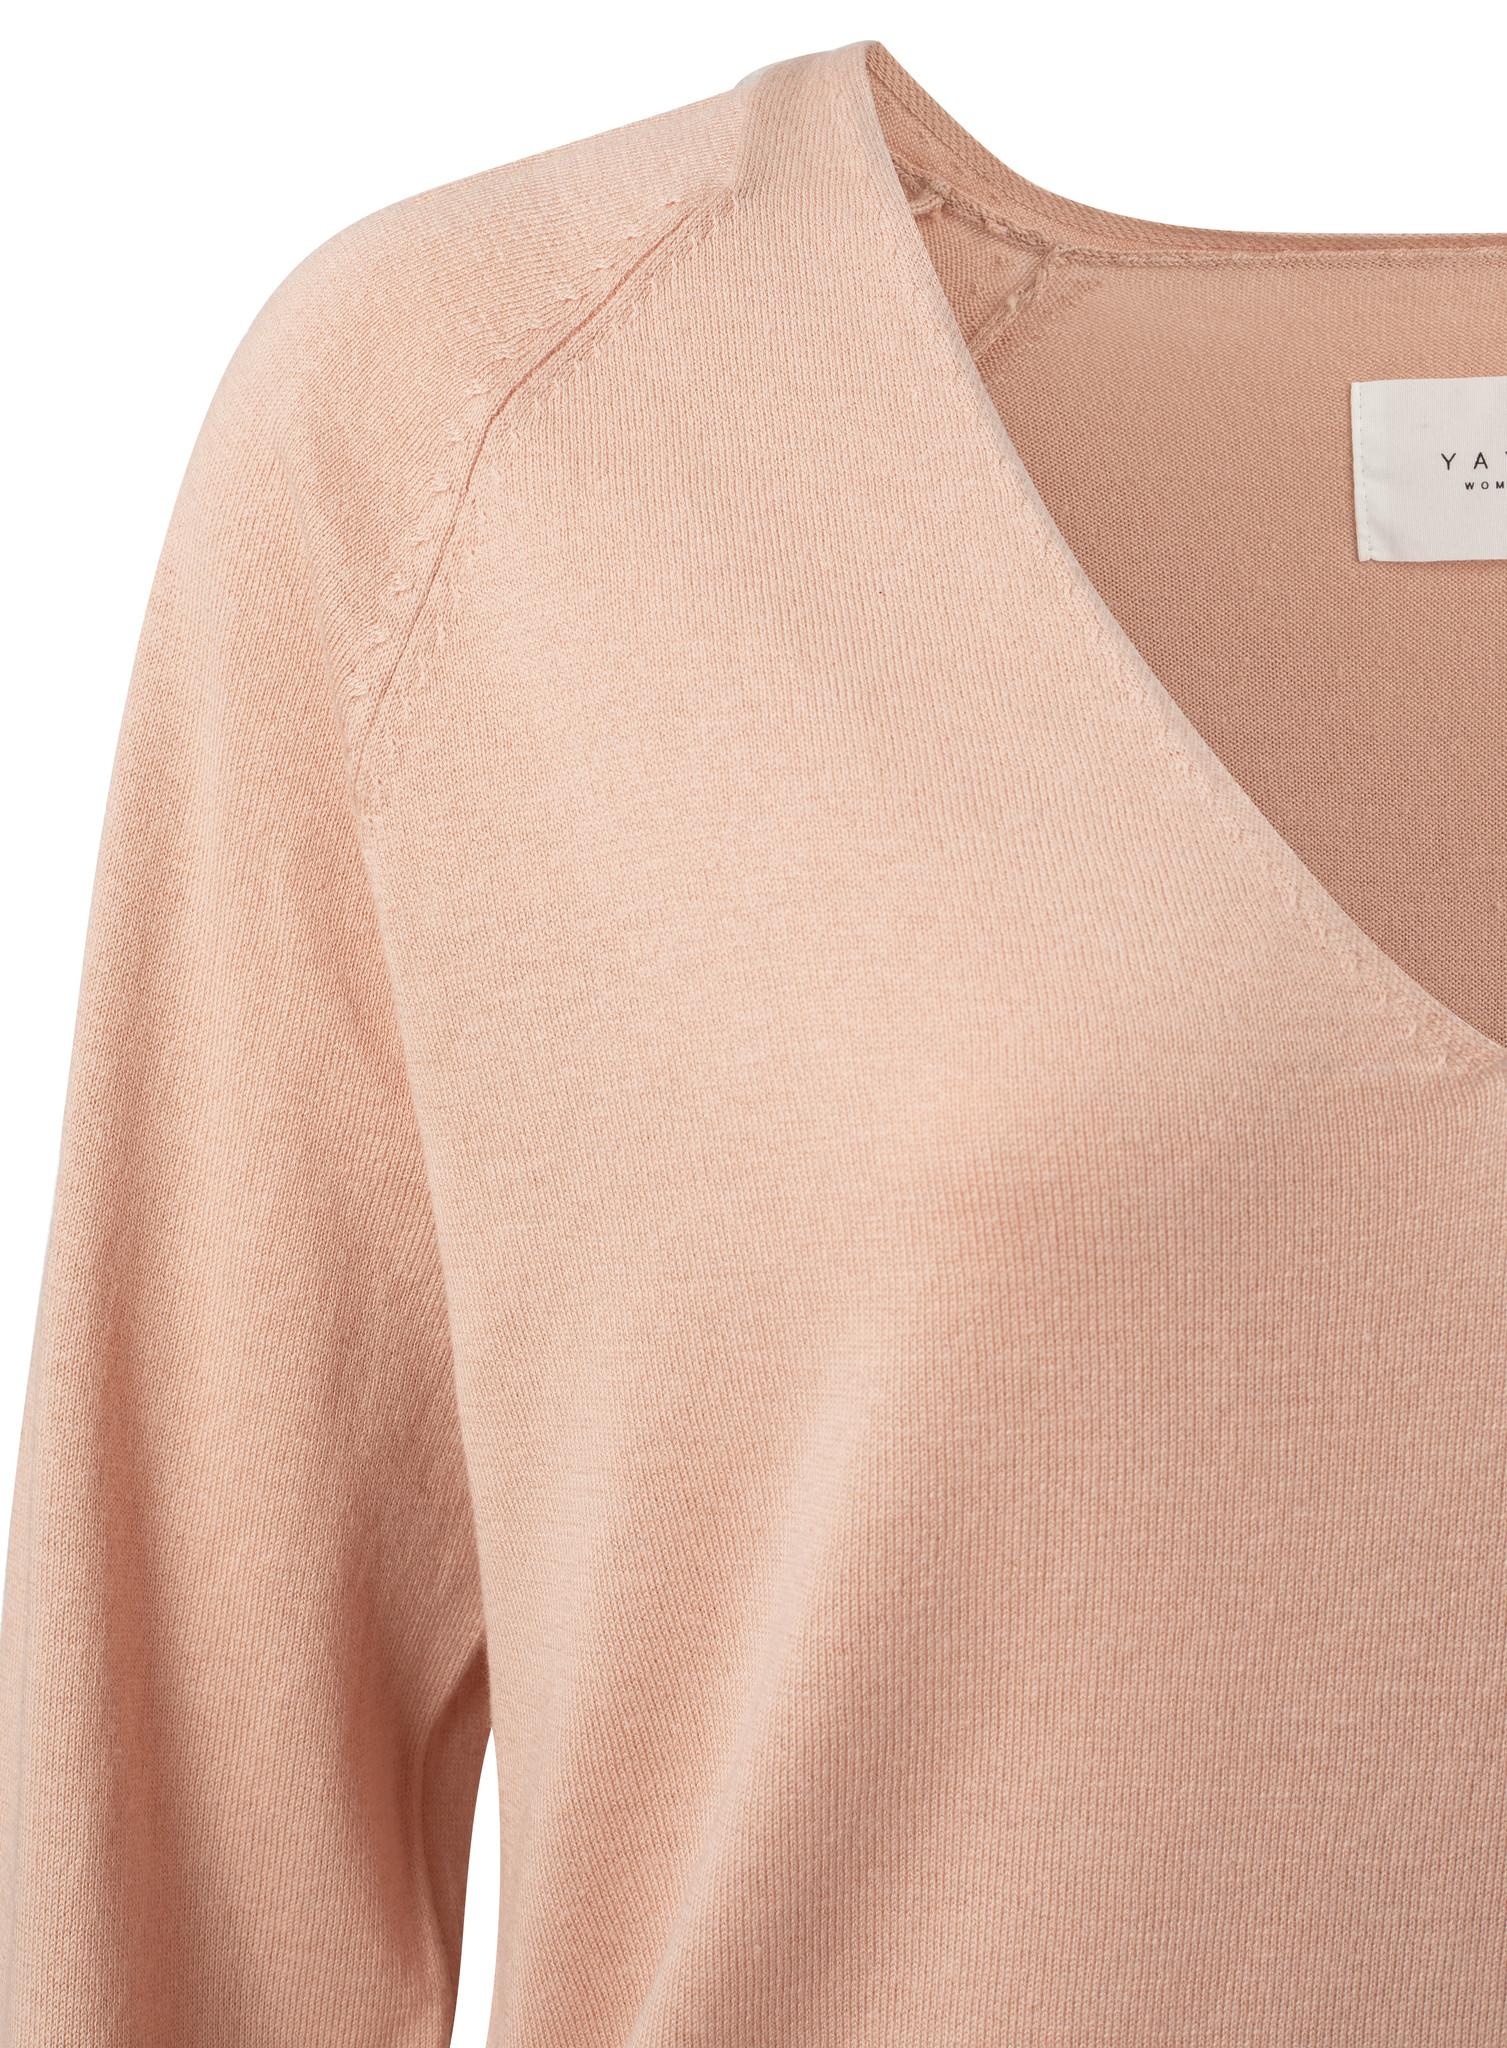 yaya Basic vneck sweater 1000273-113-2